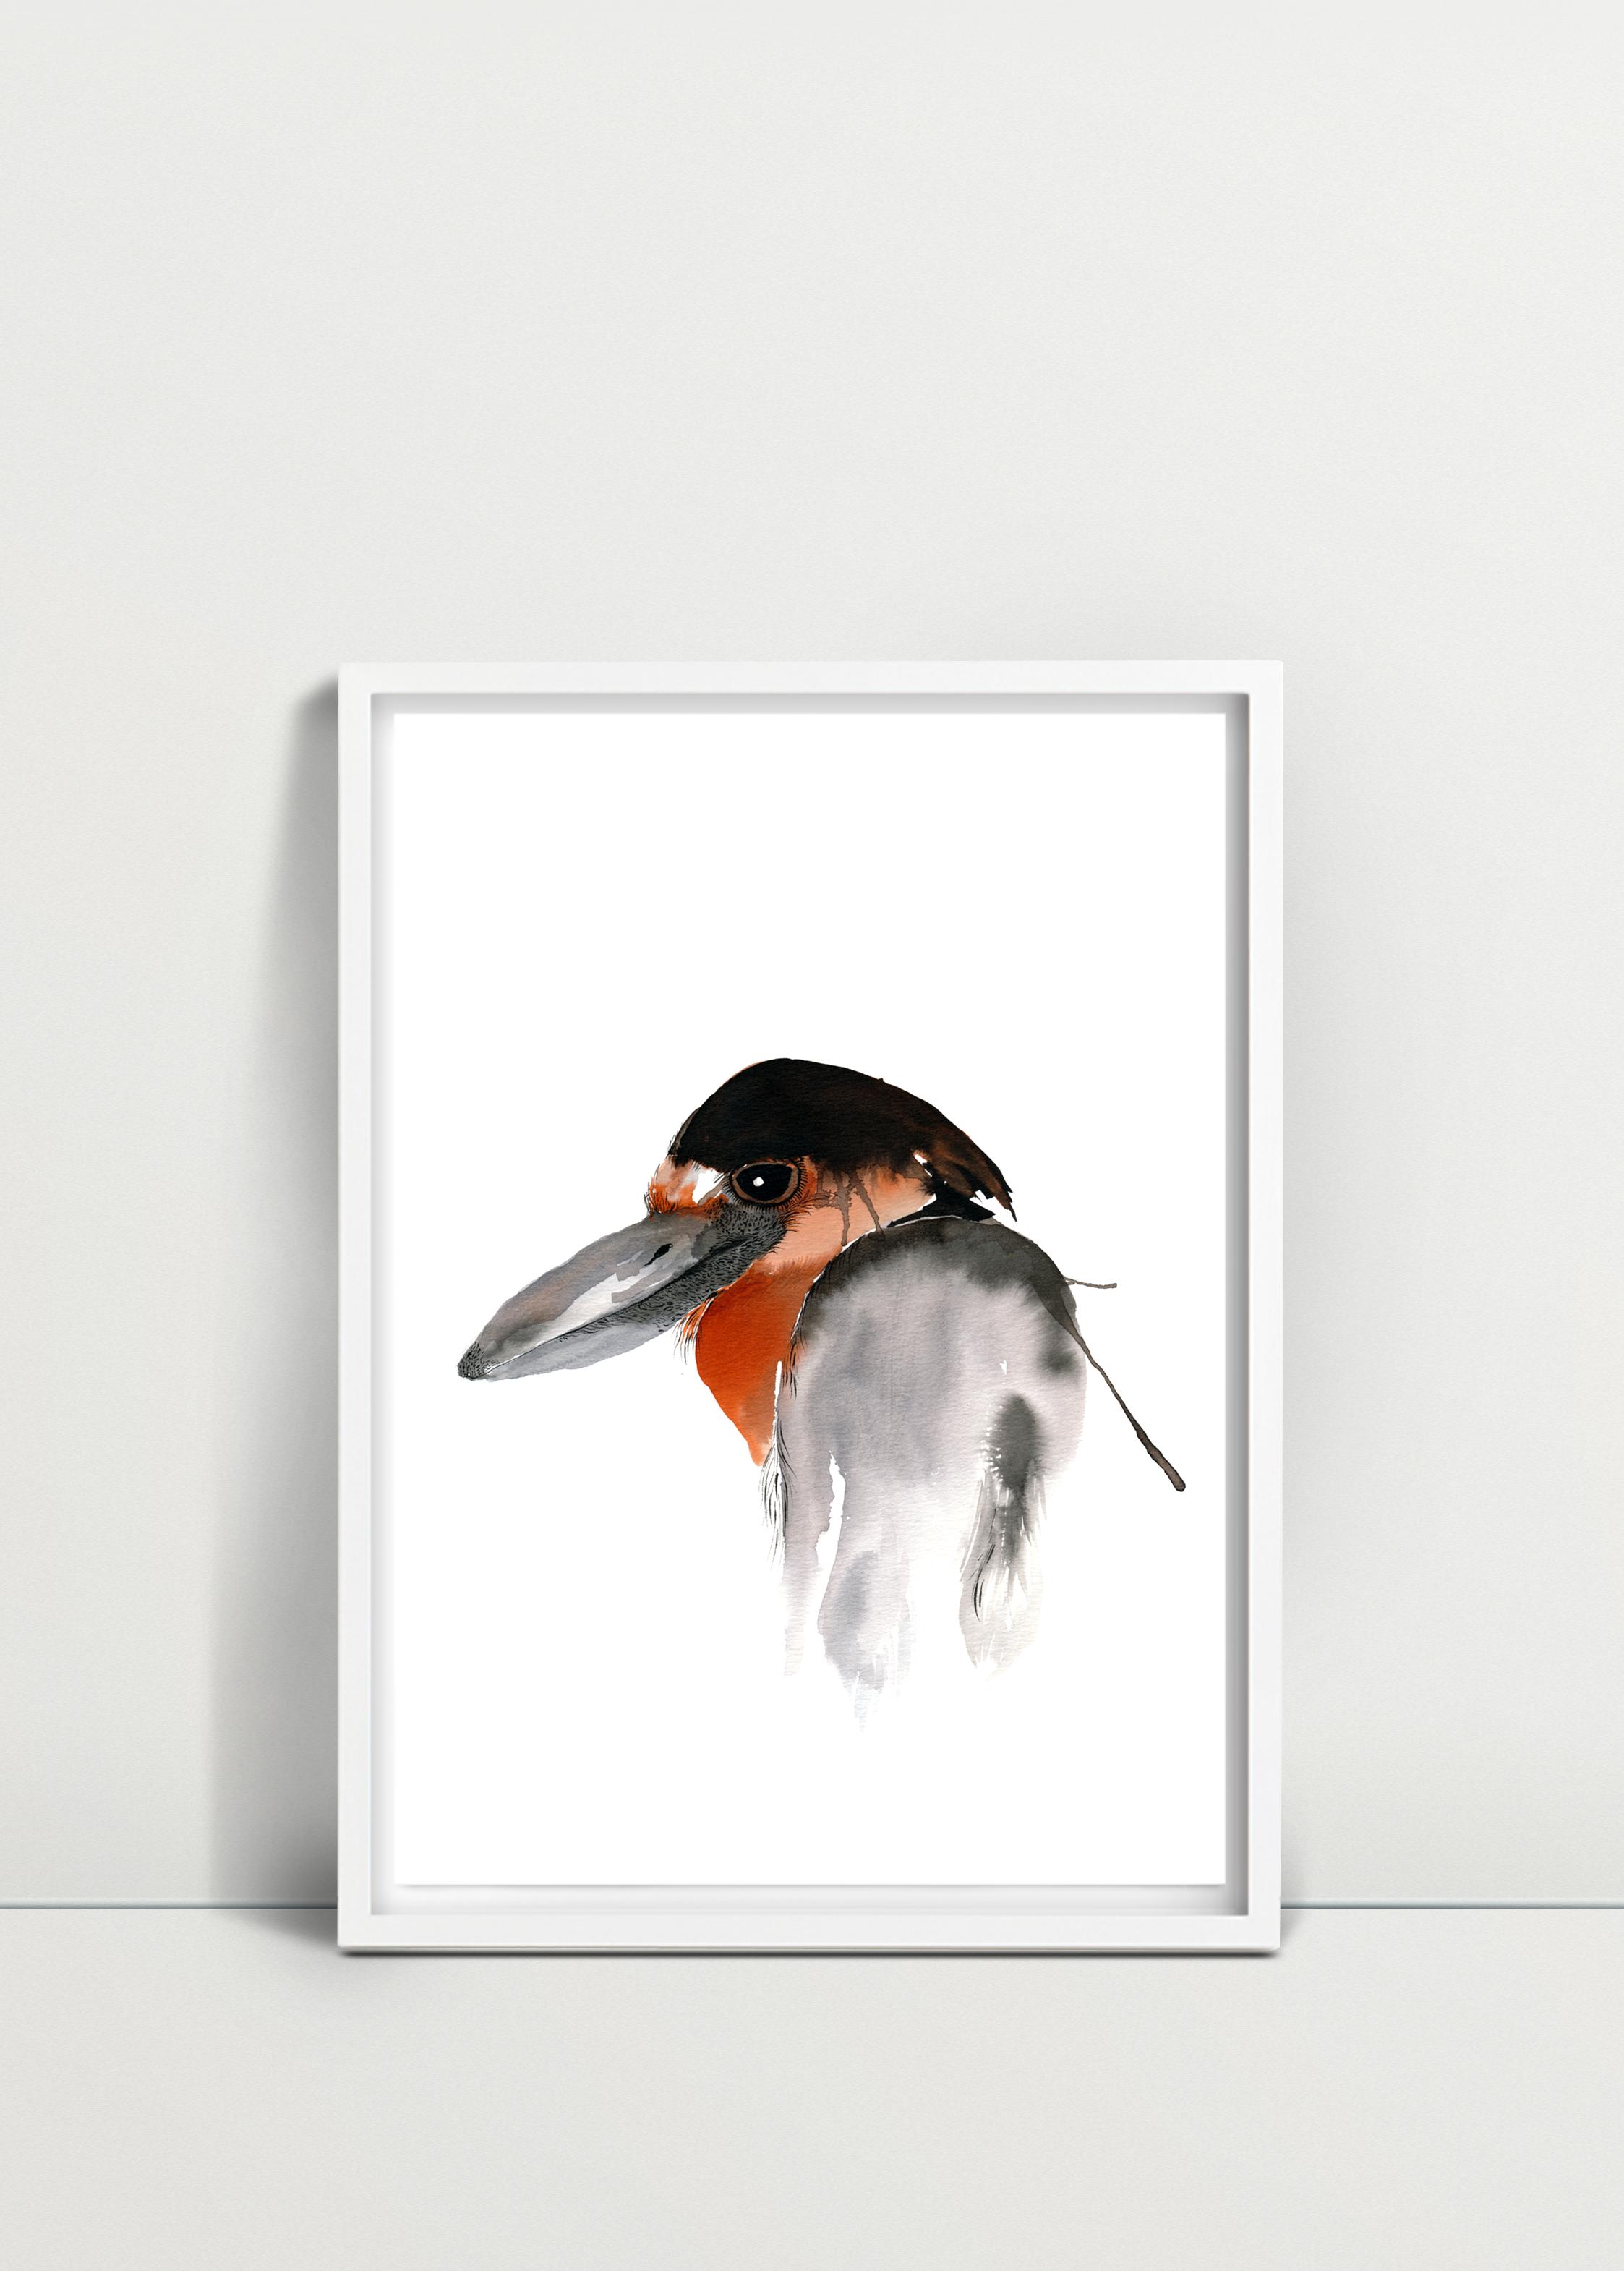 Bird_05.png